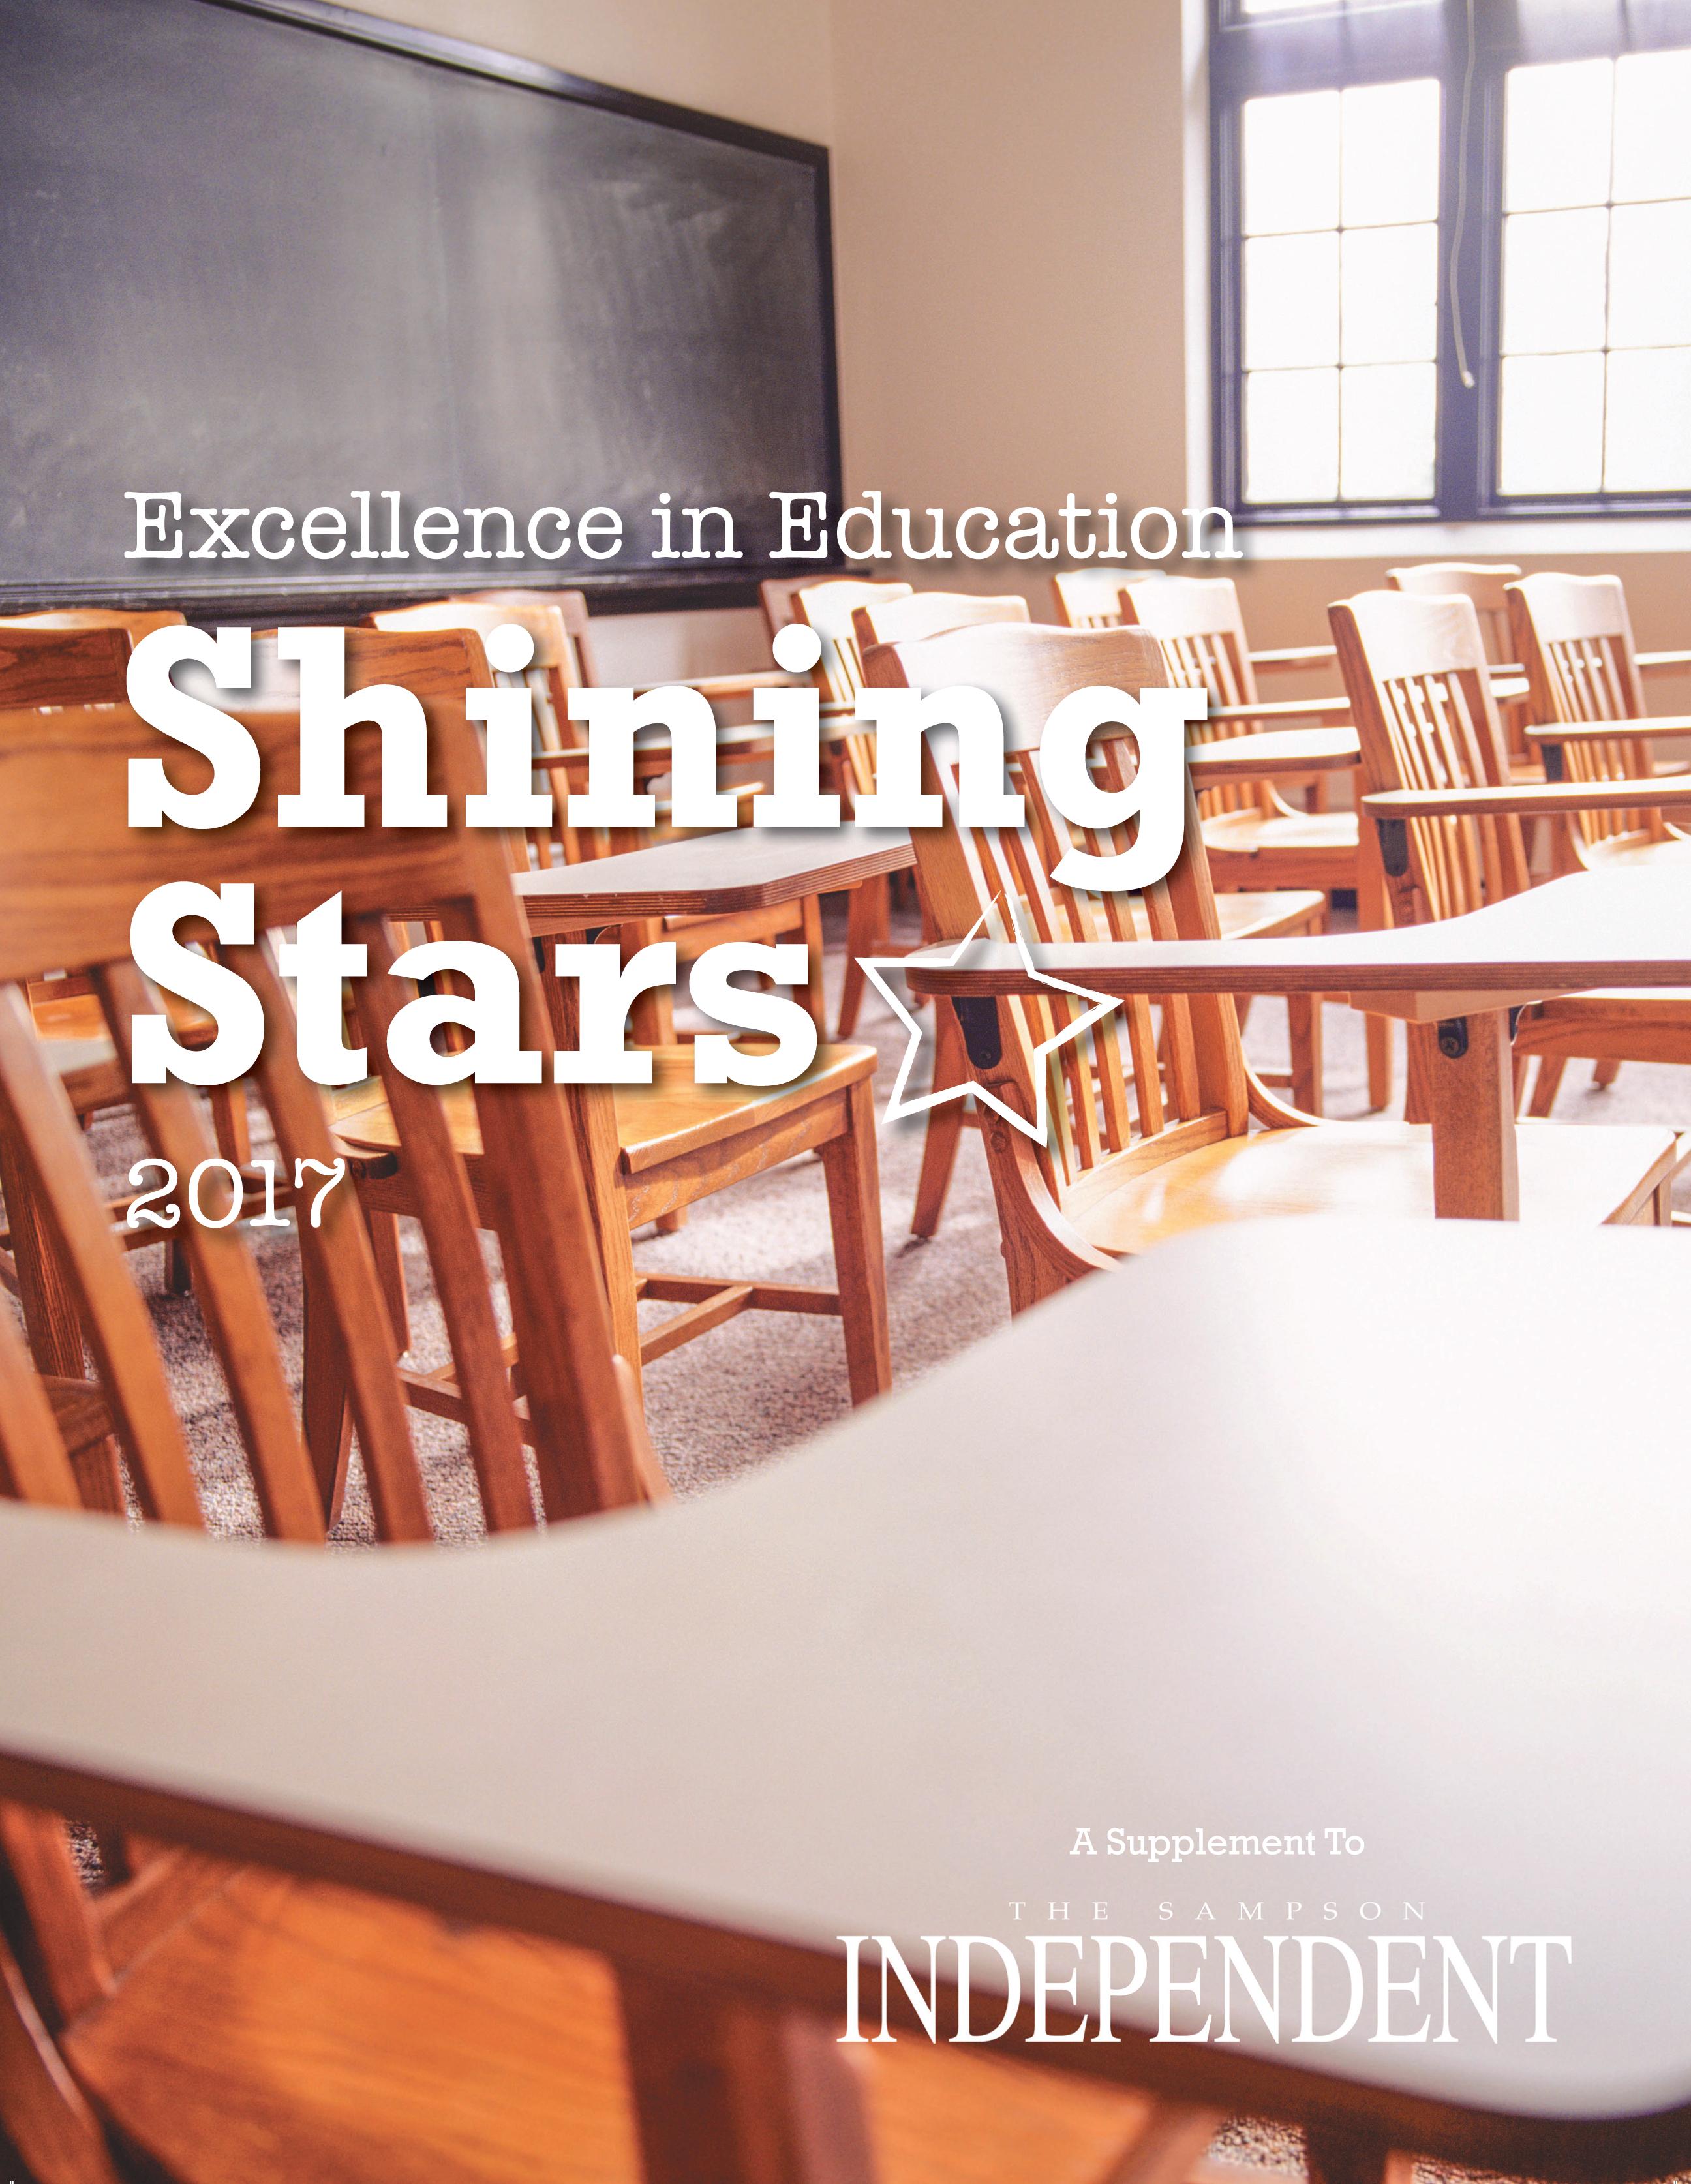 Shining Stars 2017